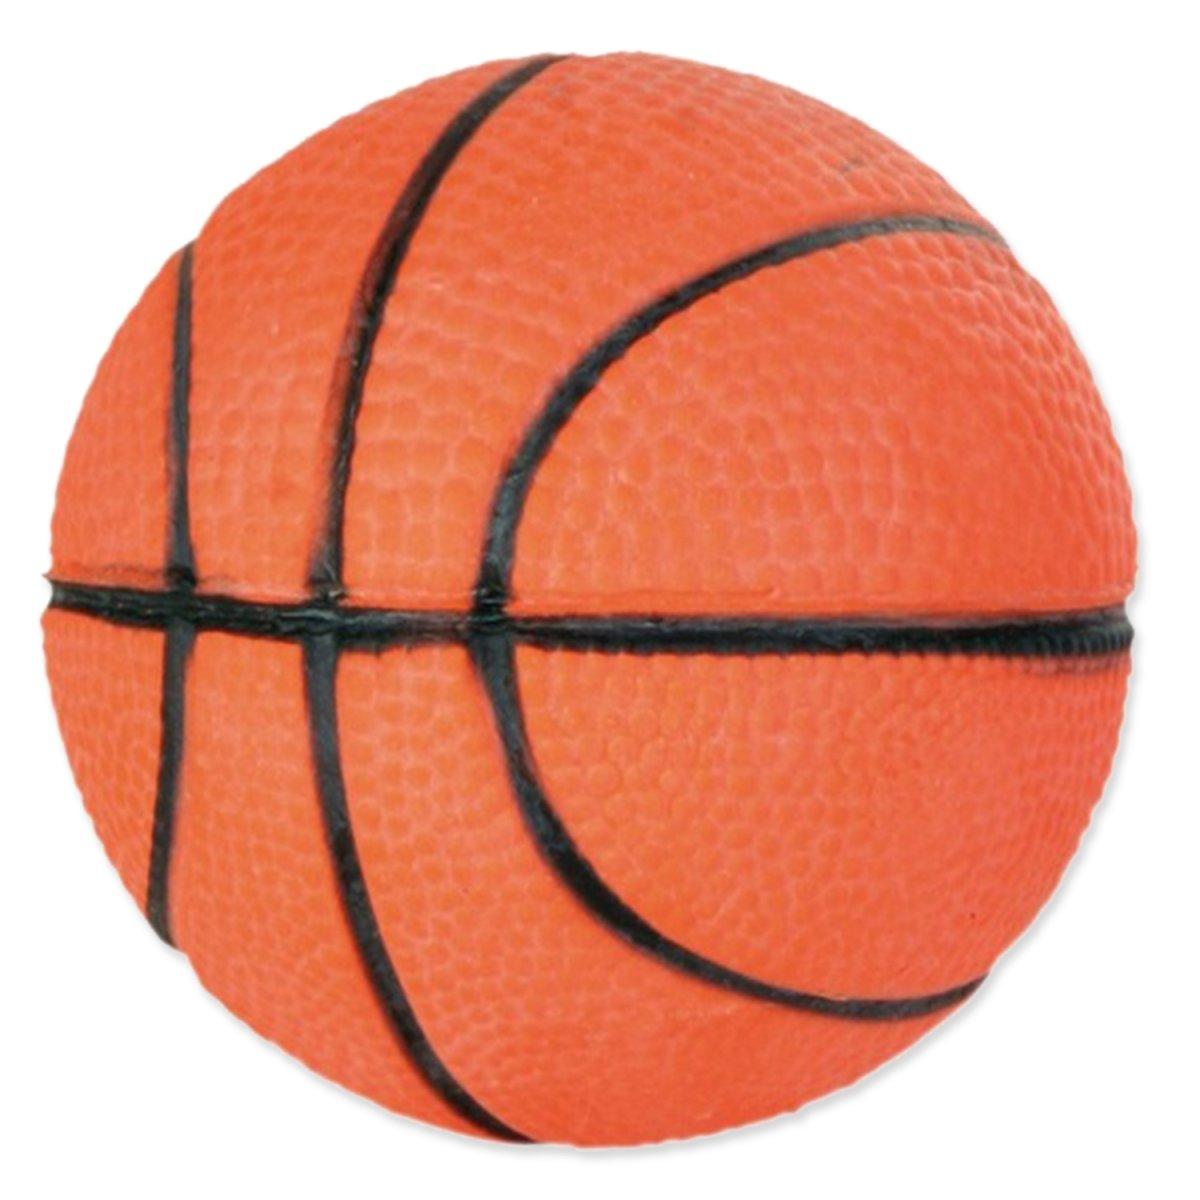 Hračka TRIXIE míček gumový pěnový 5,5 cm (1ks)